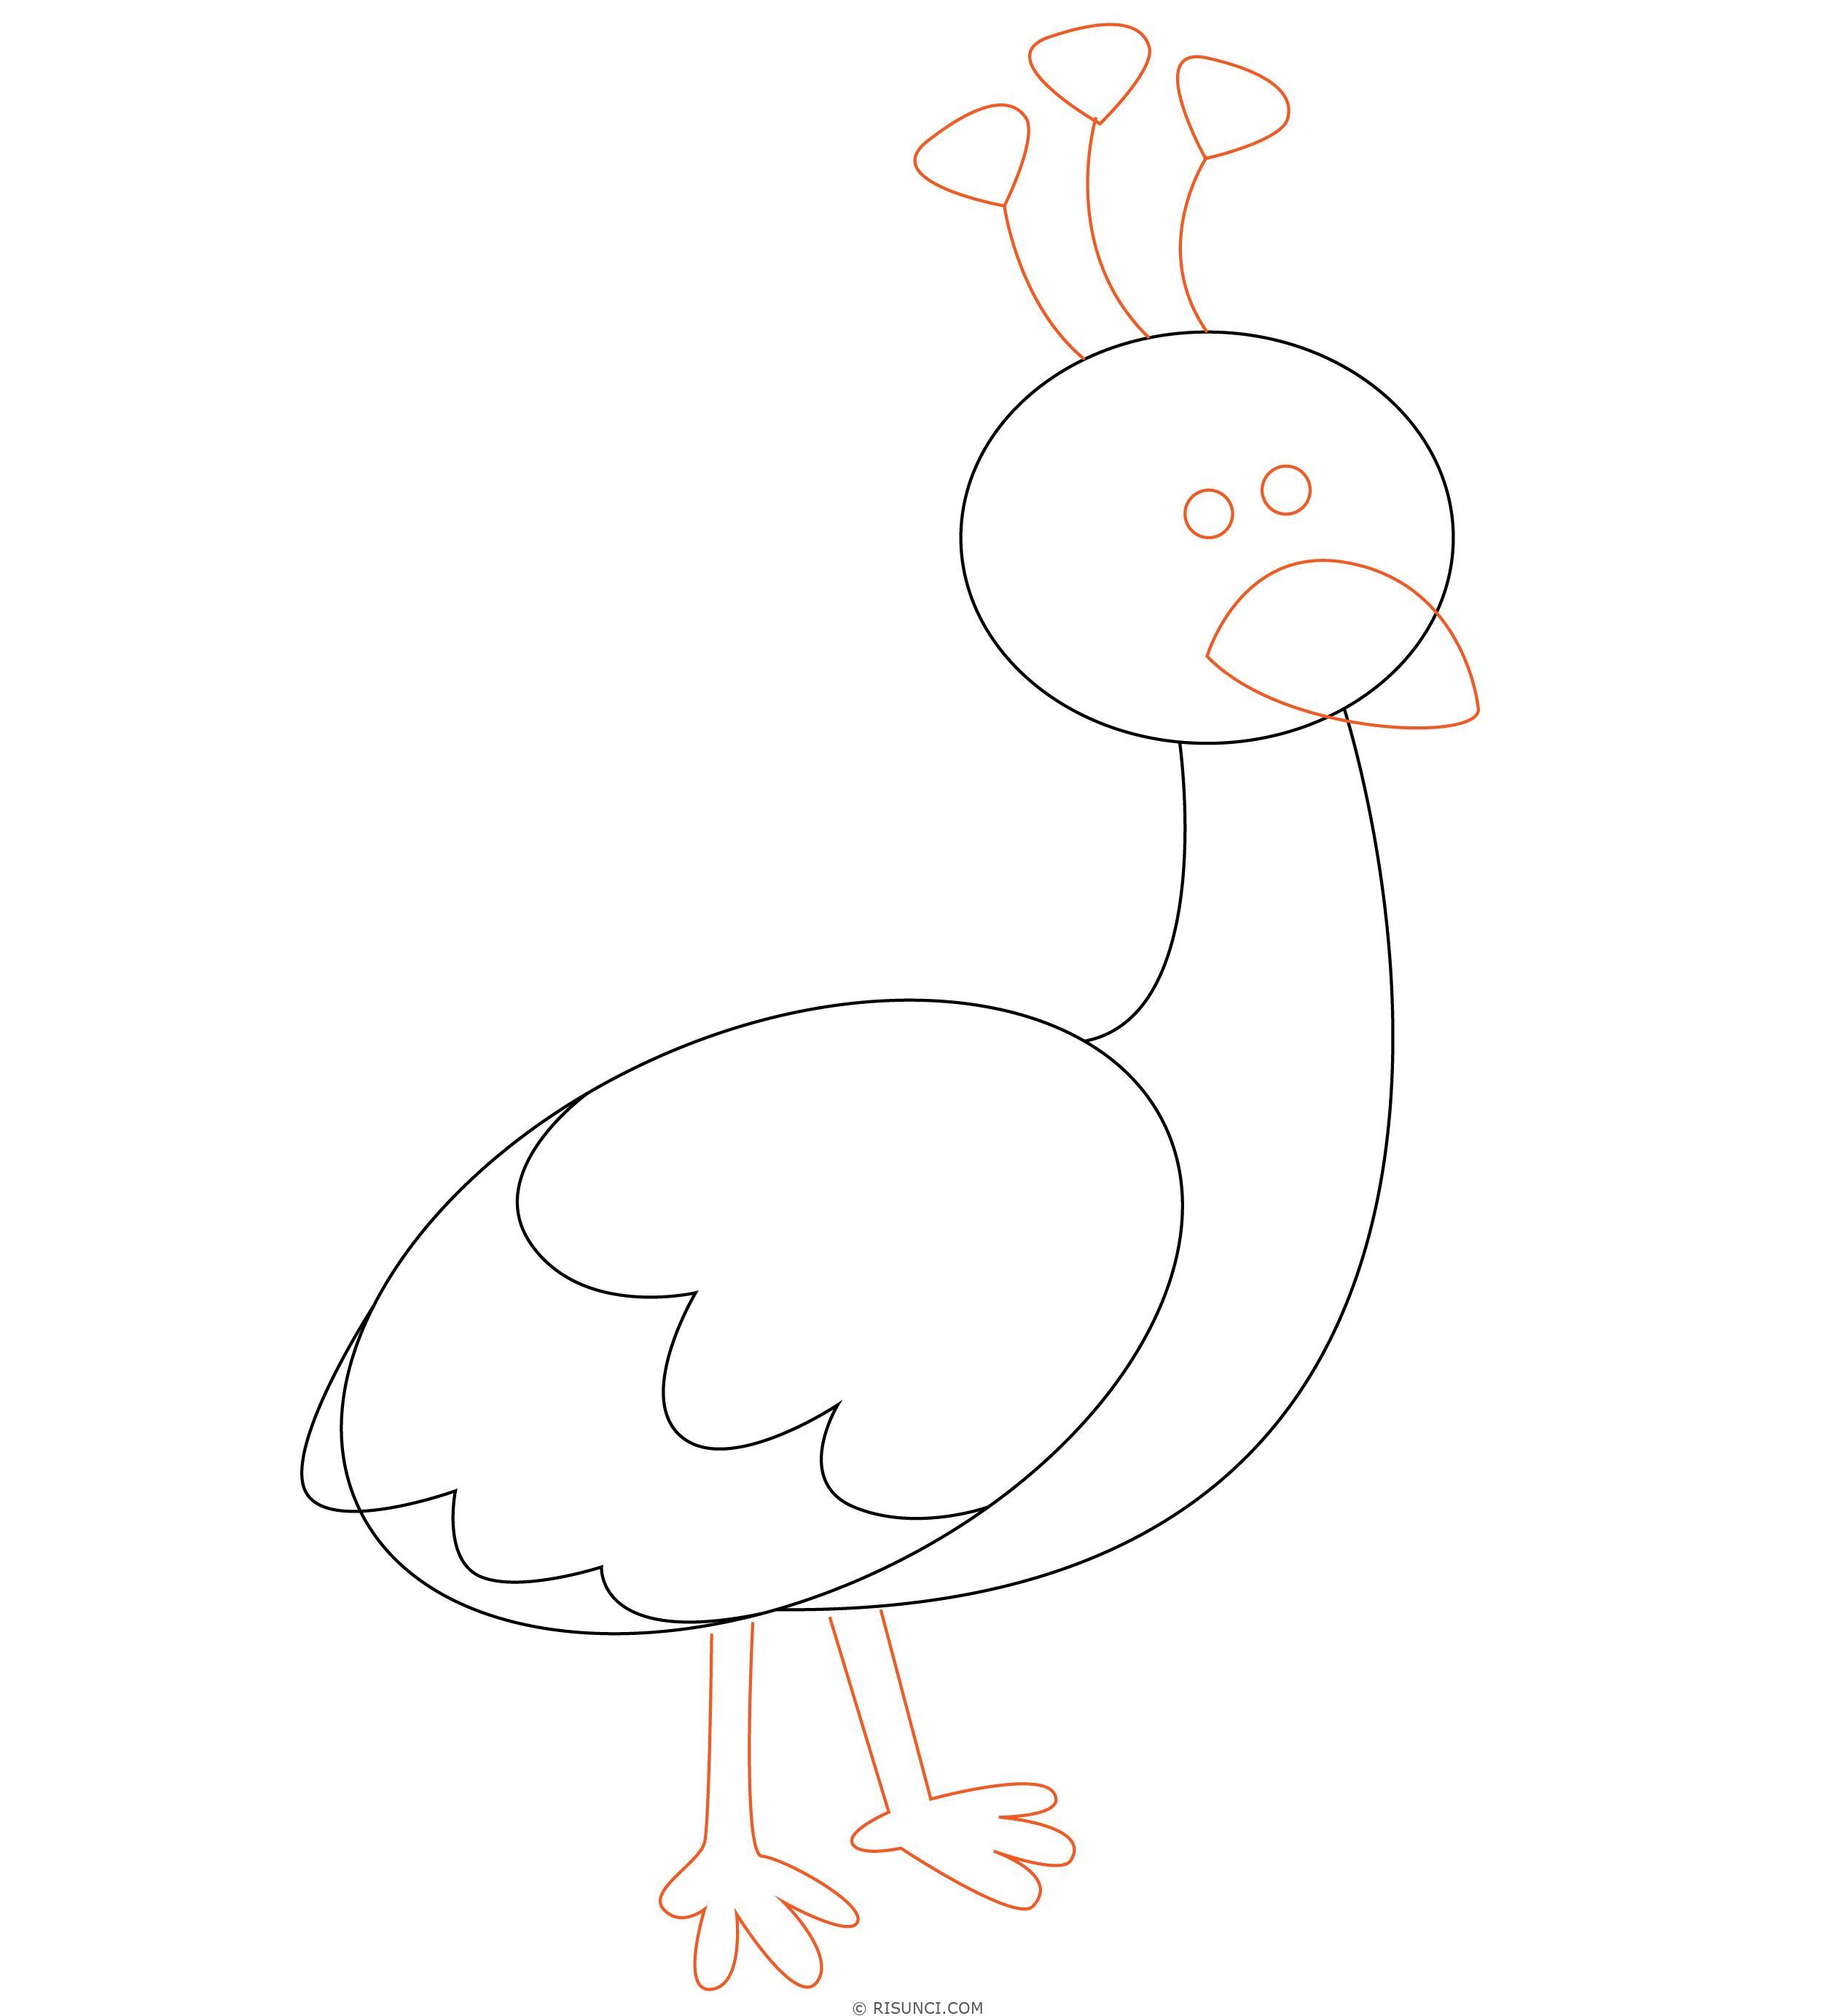 жар-птица без хвоста картинки раскраски шоколадка